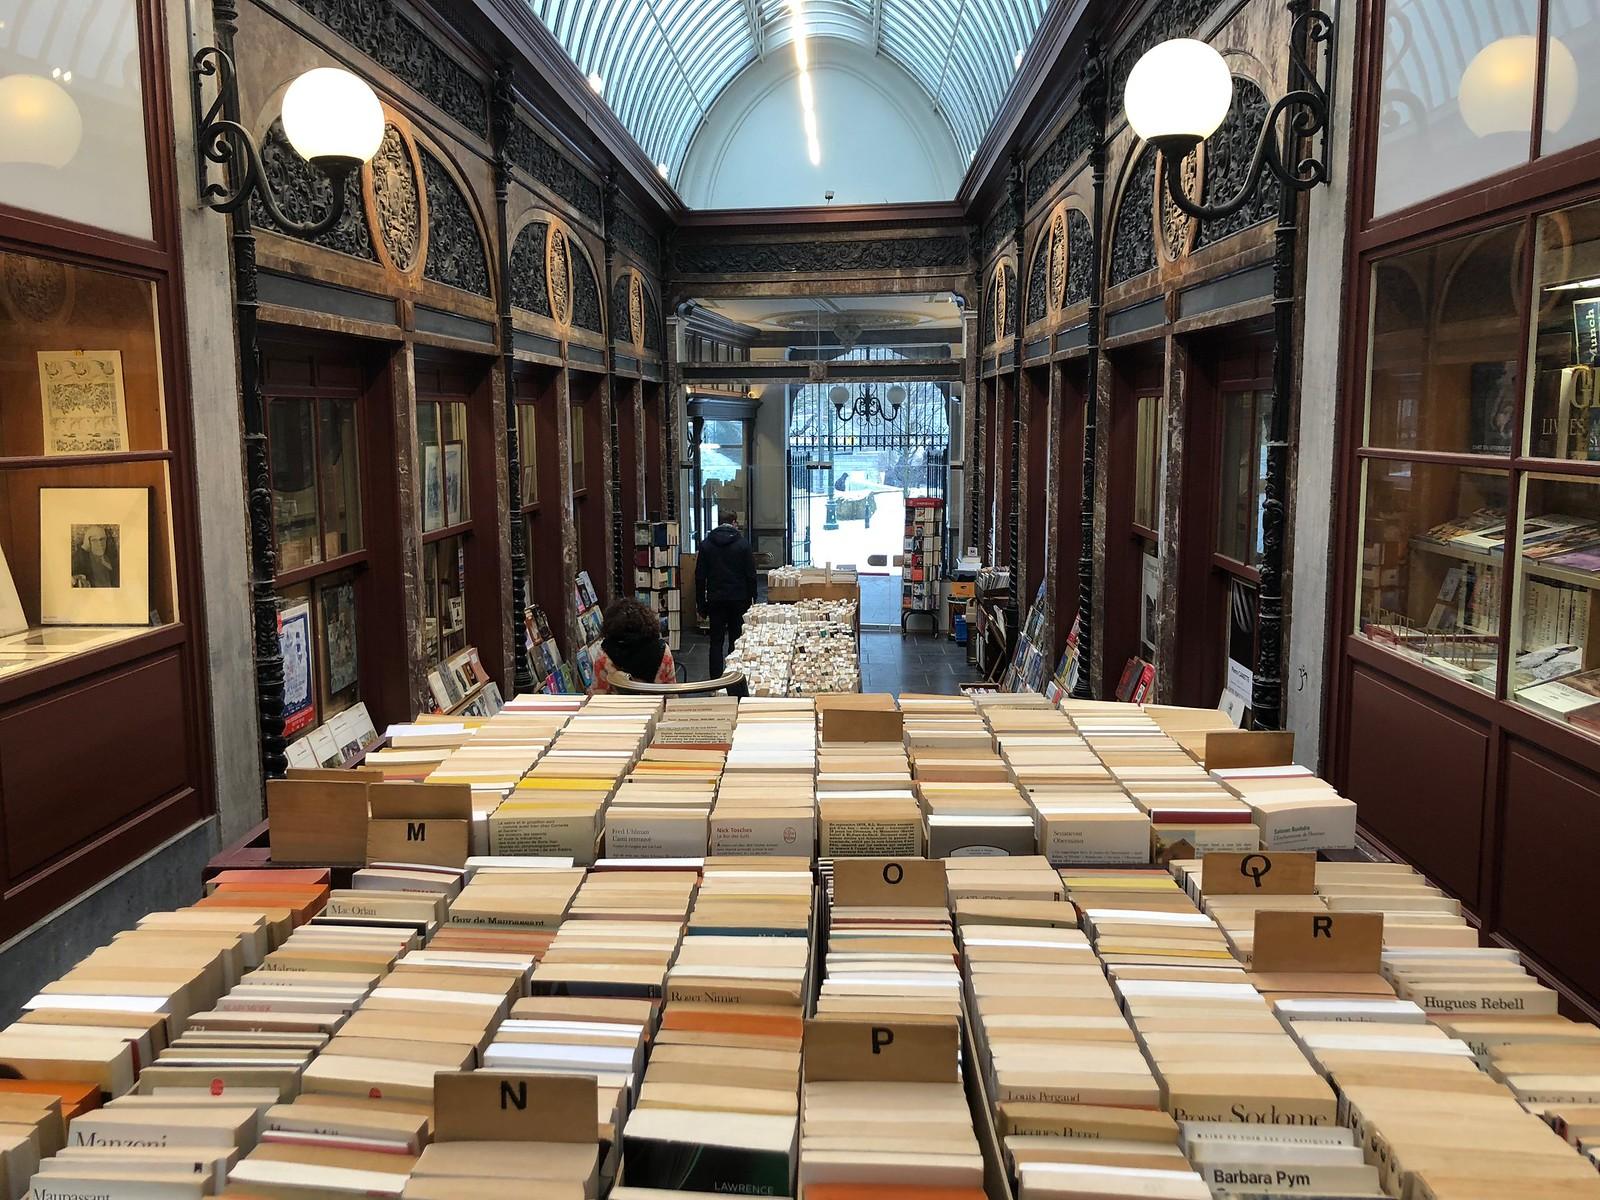 Libros expuestos en mitad de una galeria